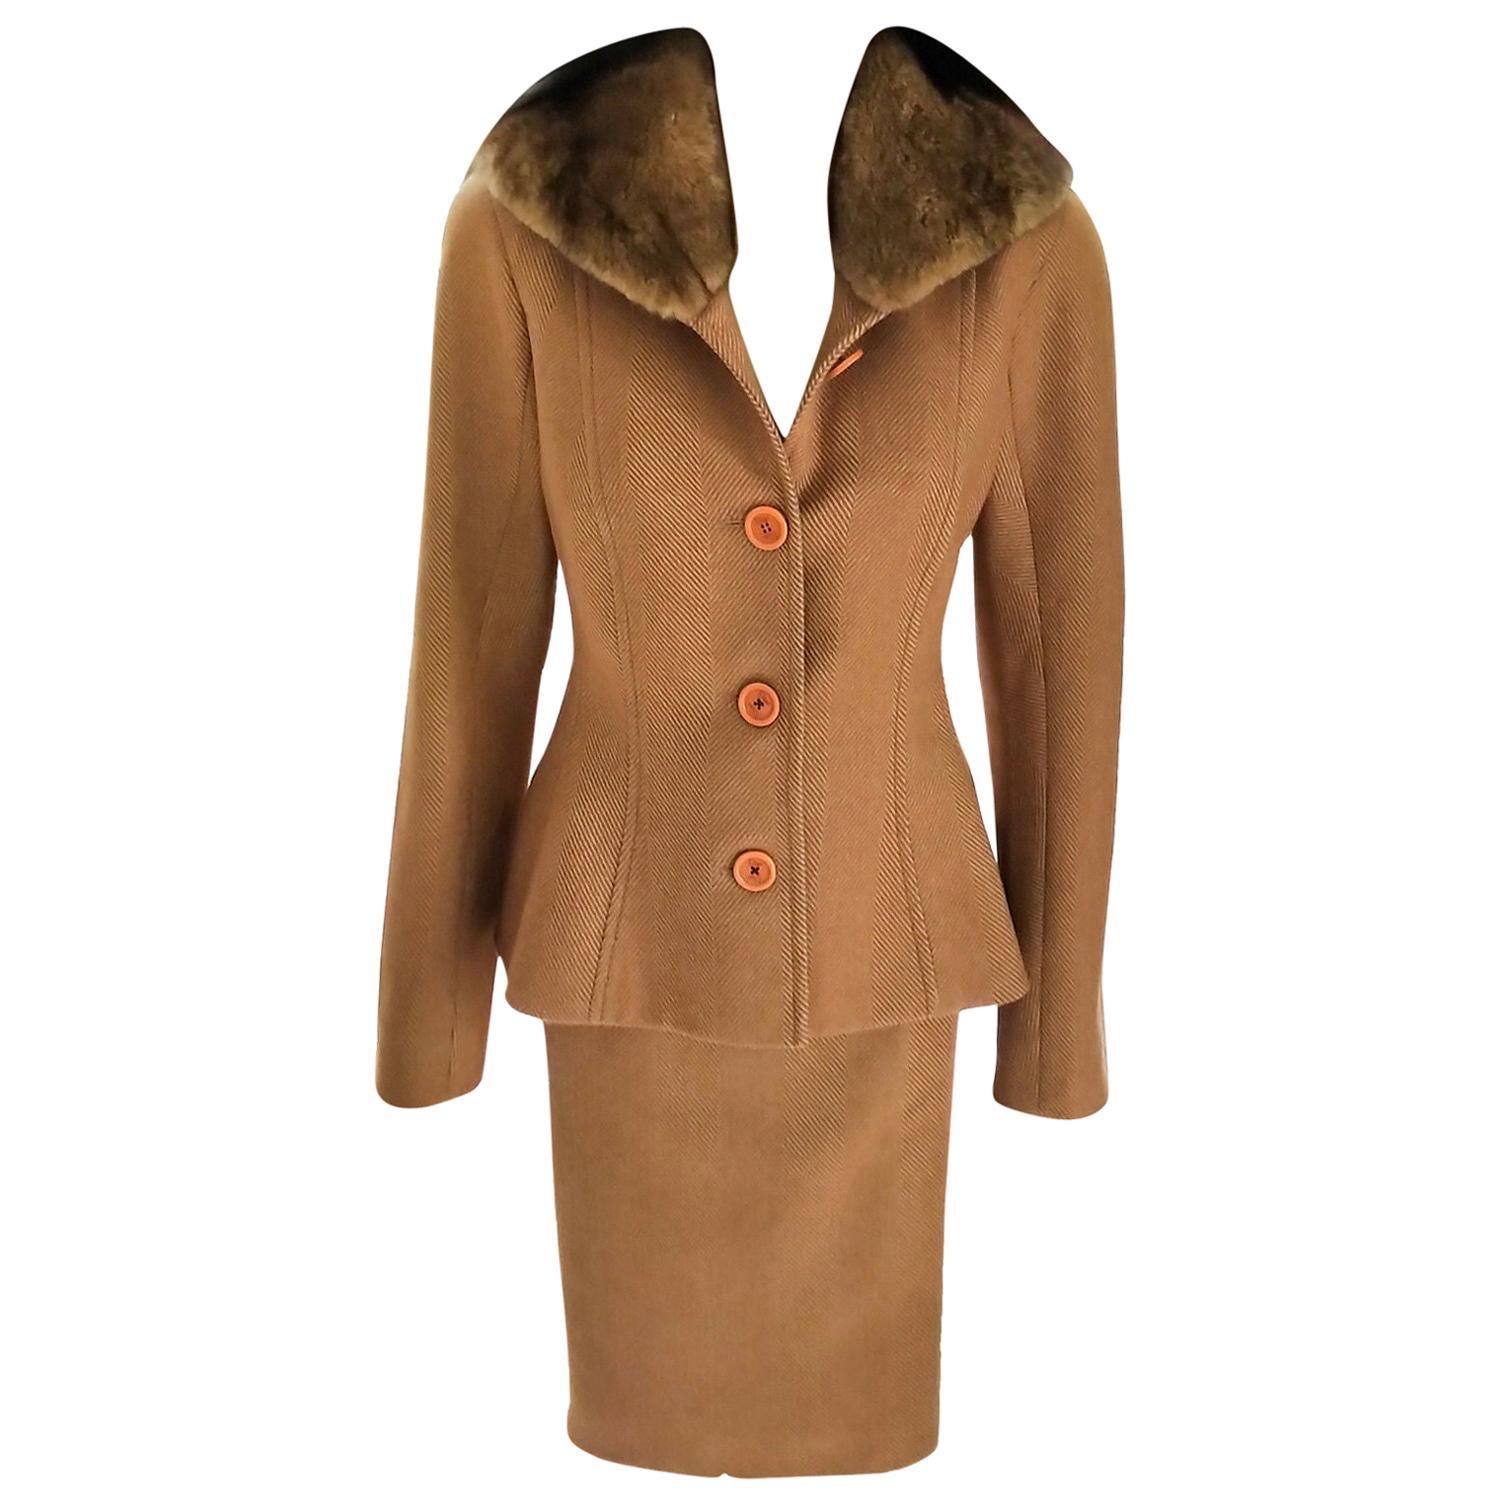 Vintage Christian Dior Copper-Bronze Tweed & Mink Jacket Skirt Suit FR 38/ US 6